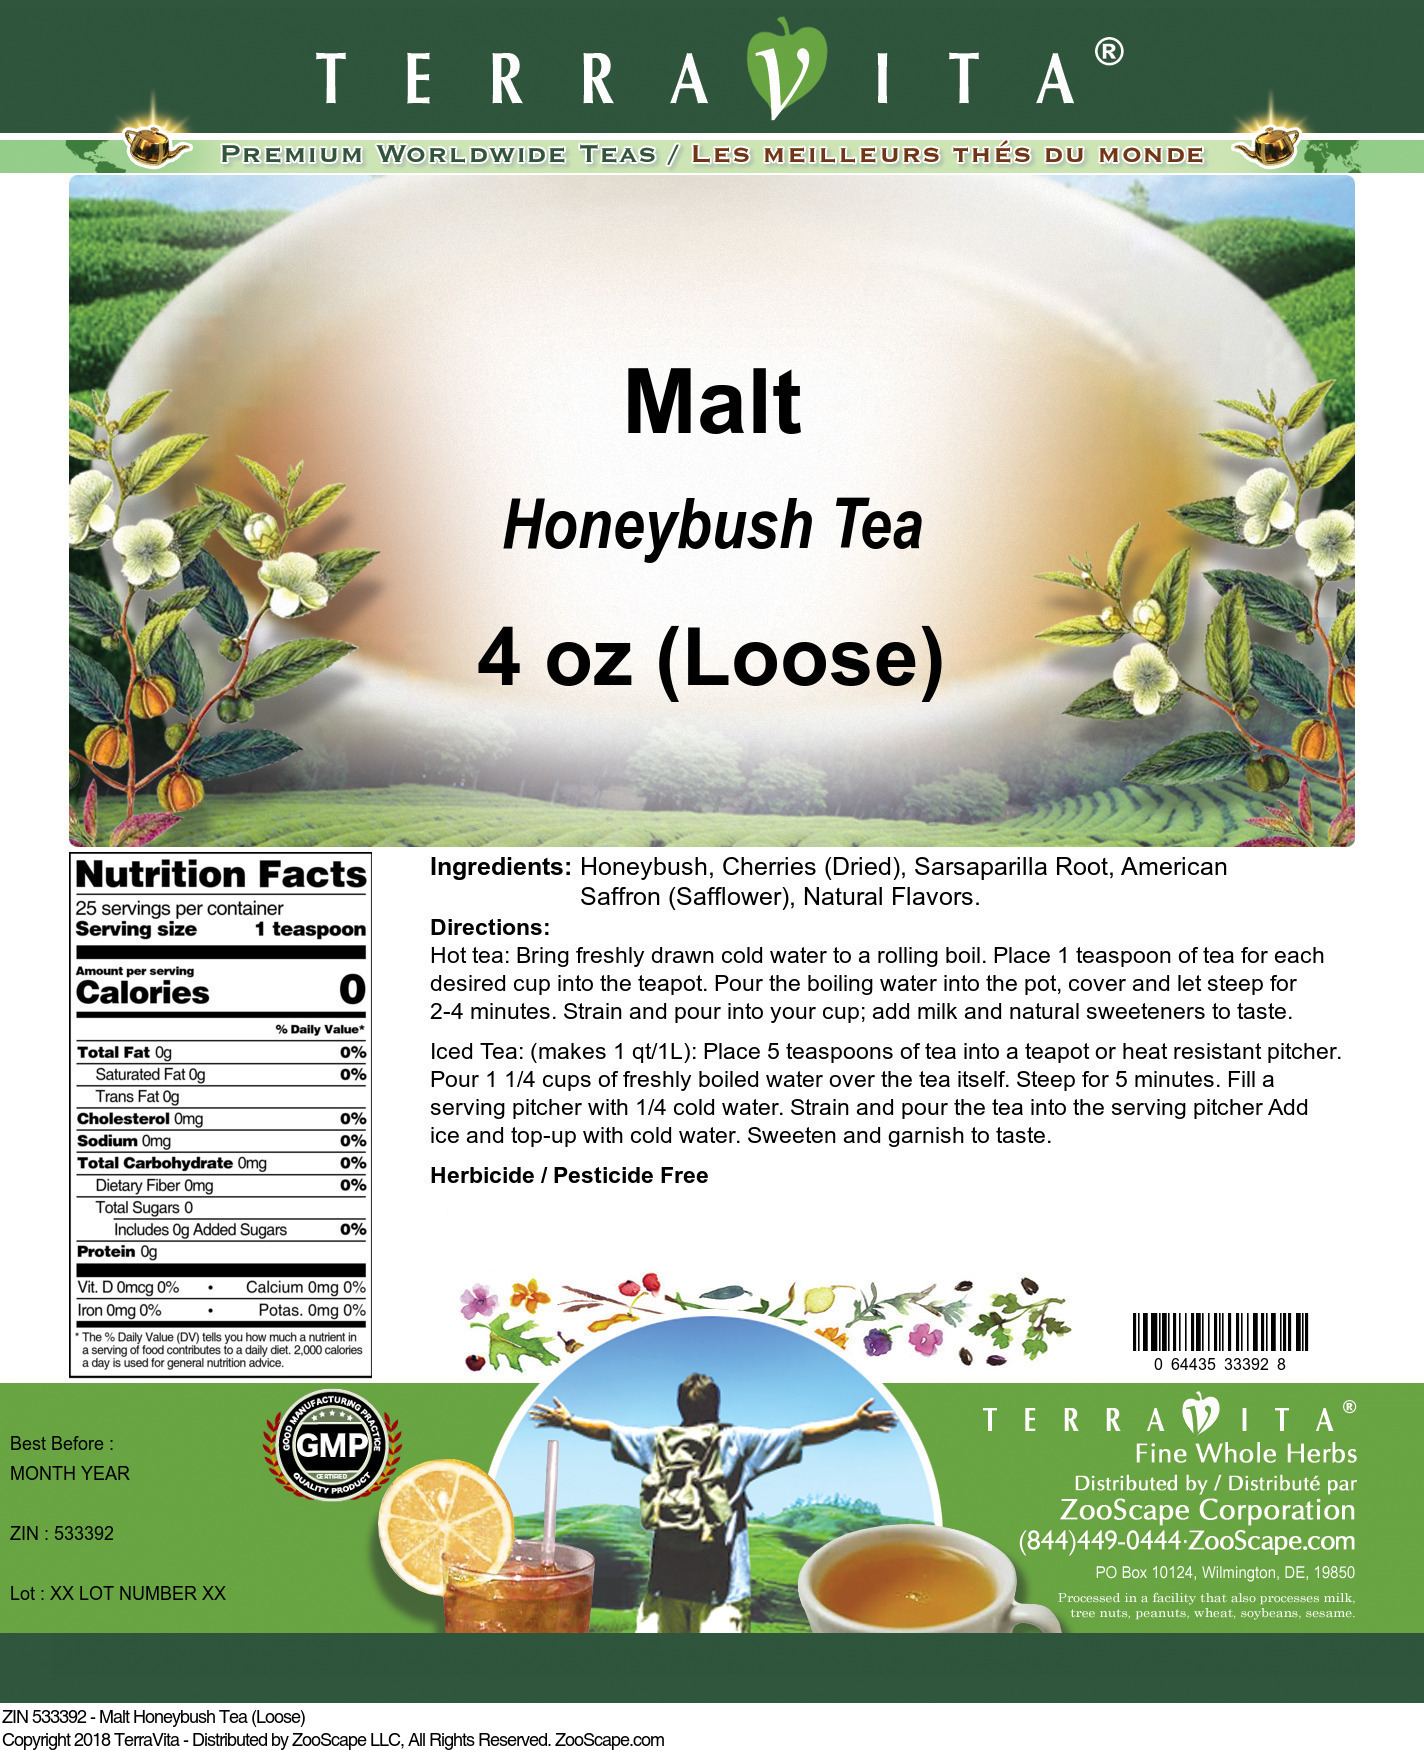 Malt Honeybush Tea (Loose)